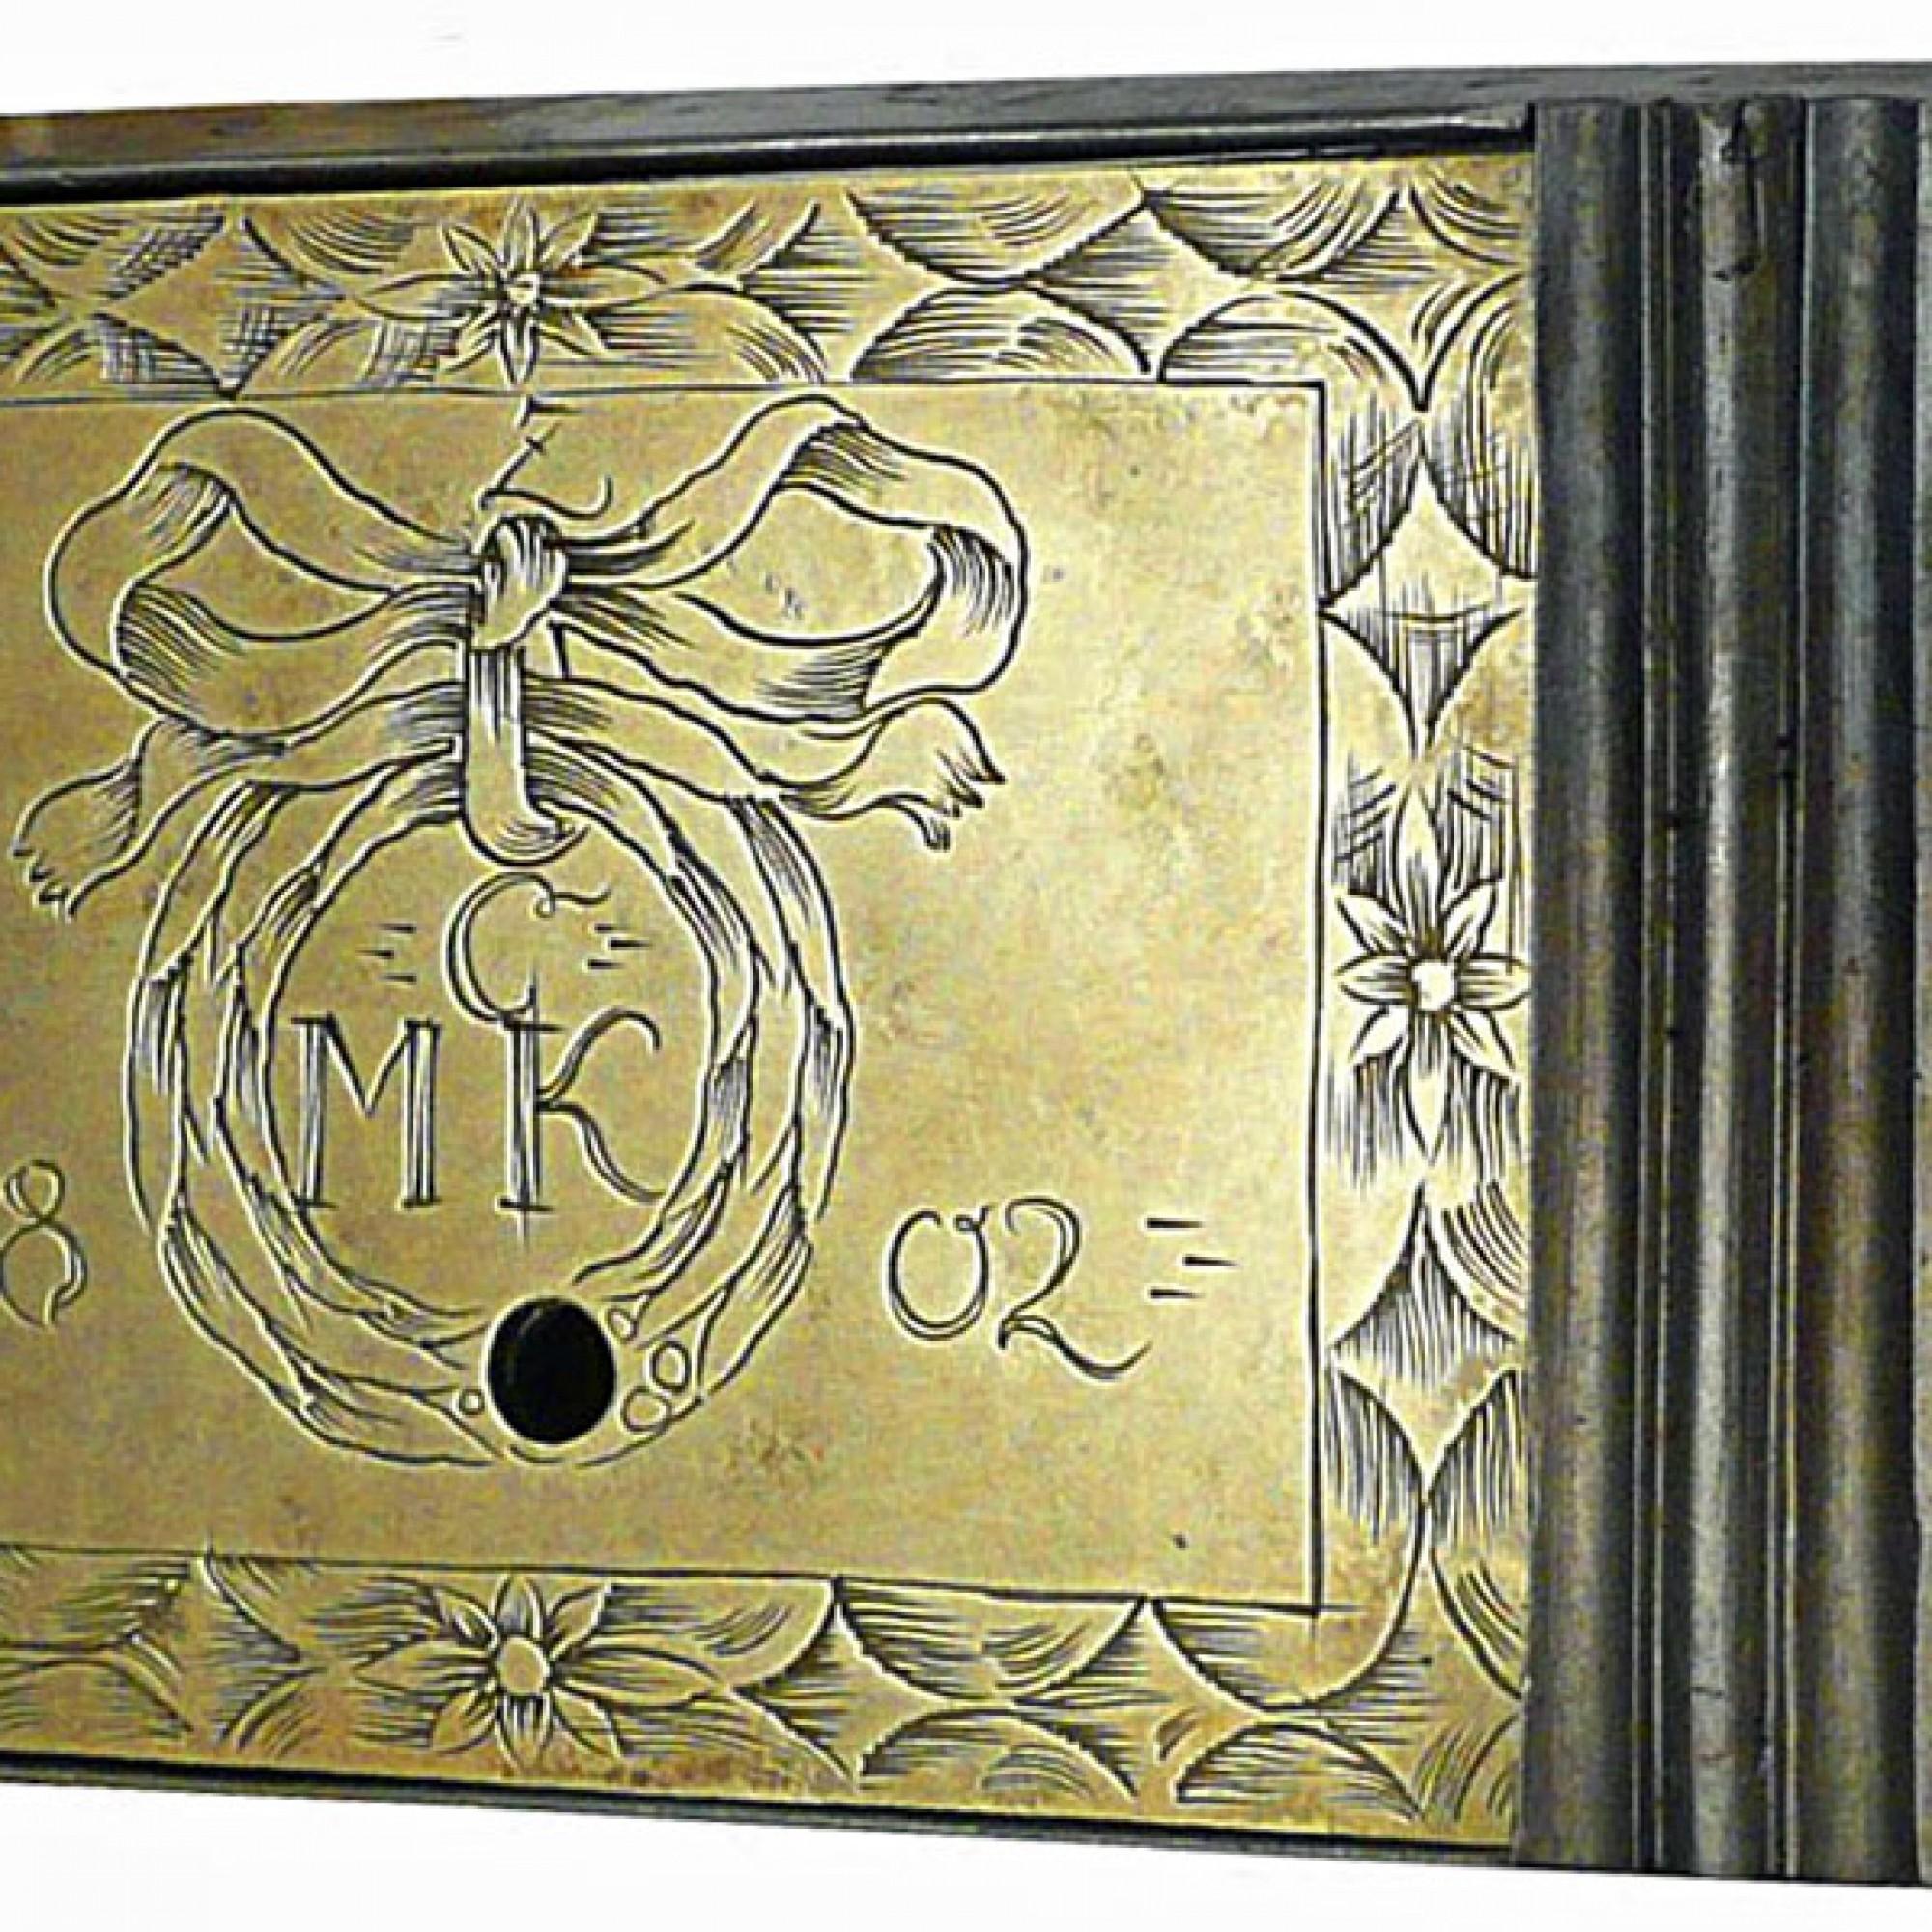 Schrankschloss um 1802. (Urs Weisshaupt / Historisches und Völkerkundemuseum St.Gallen)